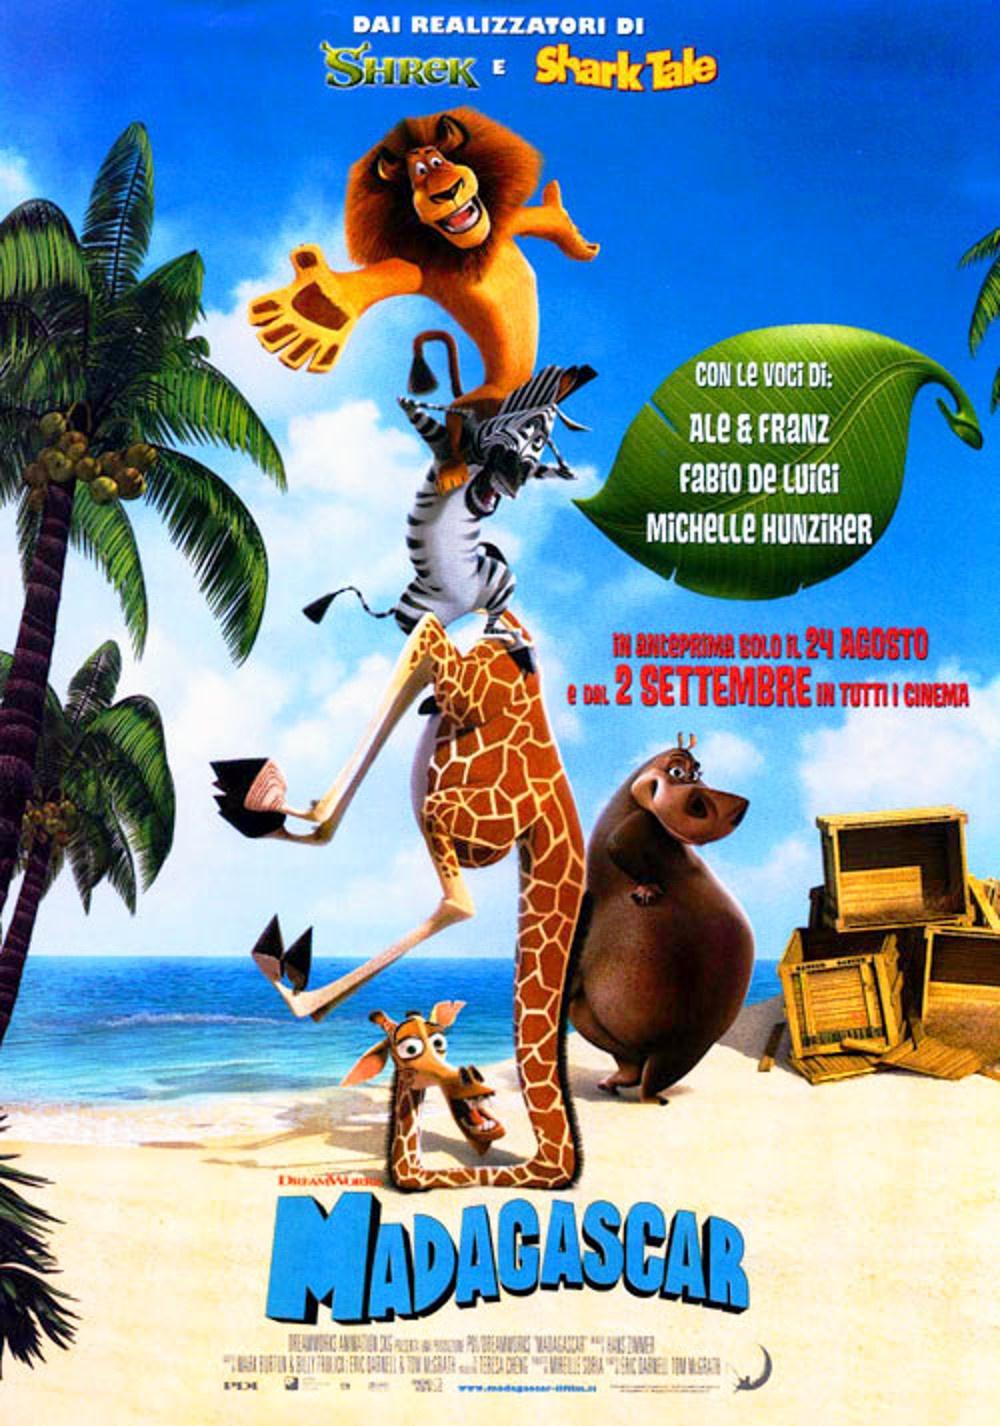 马达加斯加3电影_马达加斯加动漫-马达加斯加2免费观看_马达加斯加2电影 ...